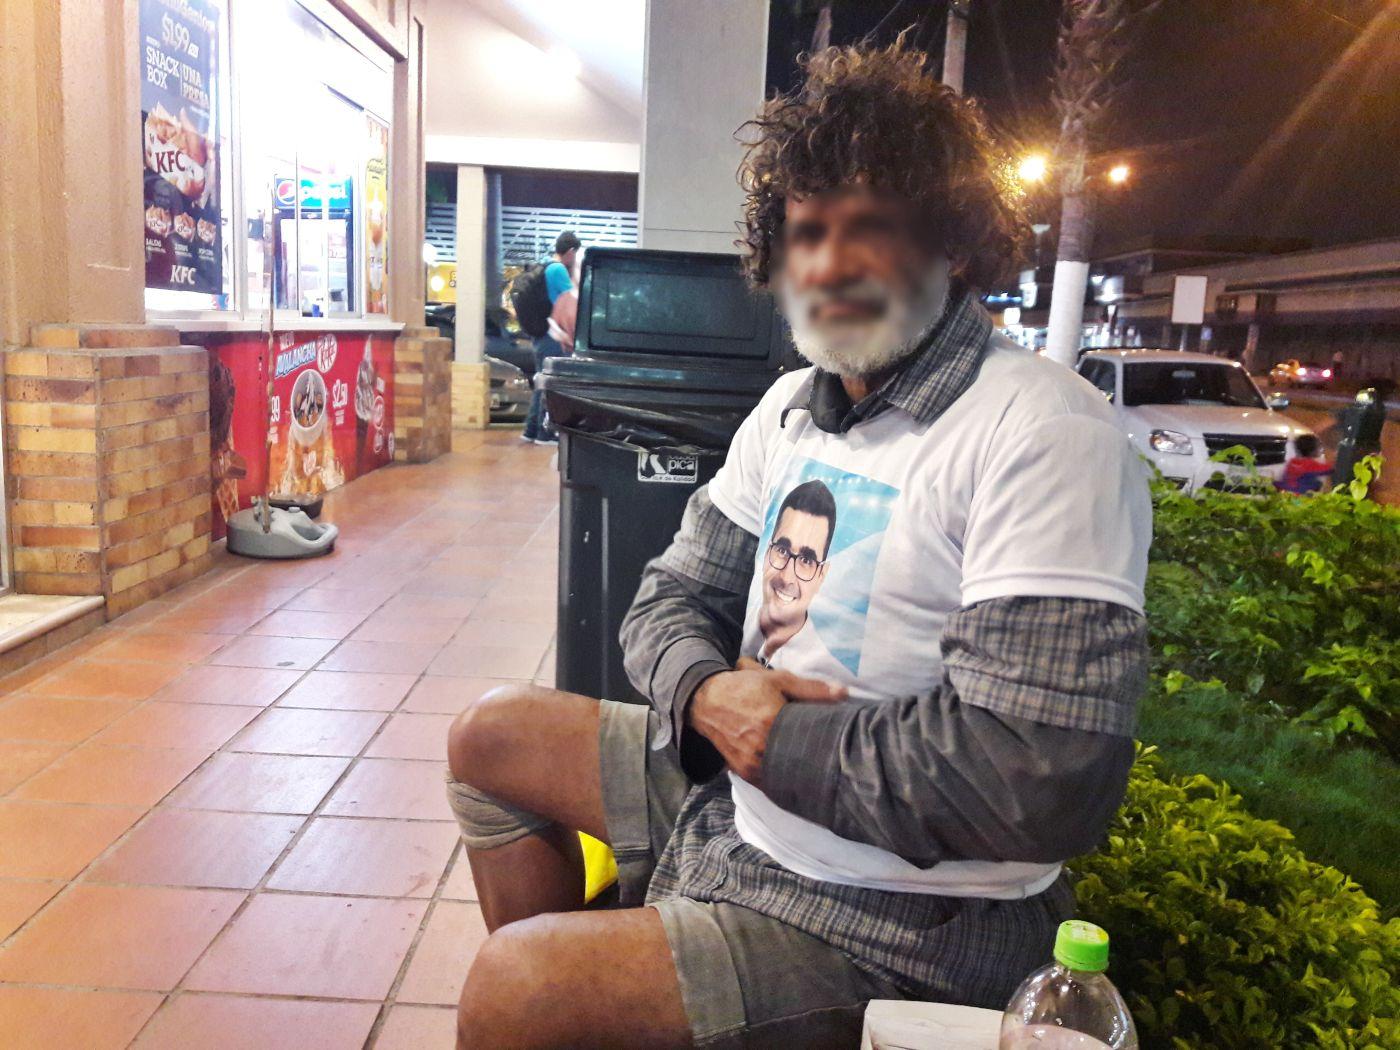 Los 'ciudadanos de la calle' se sienten olvidados por la política de Ecuador